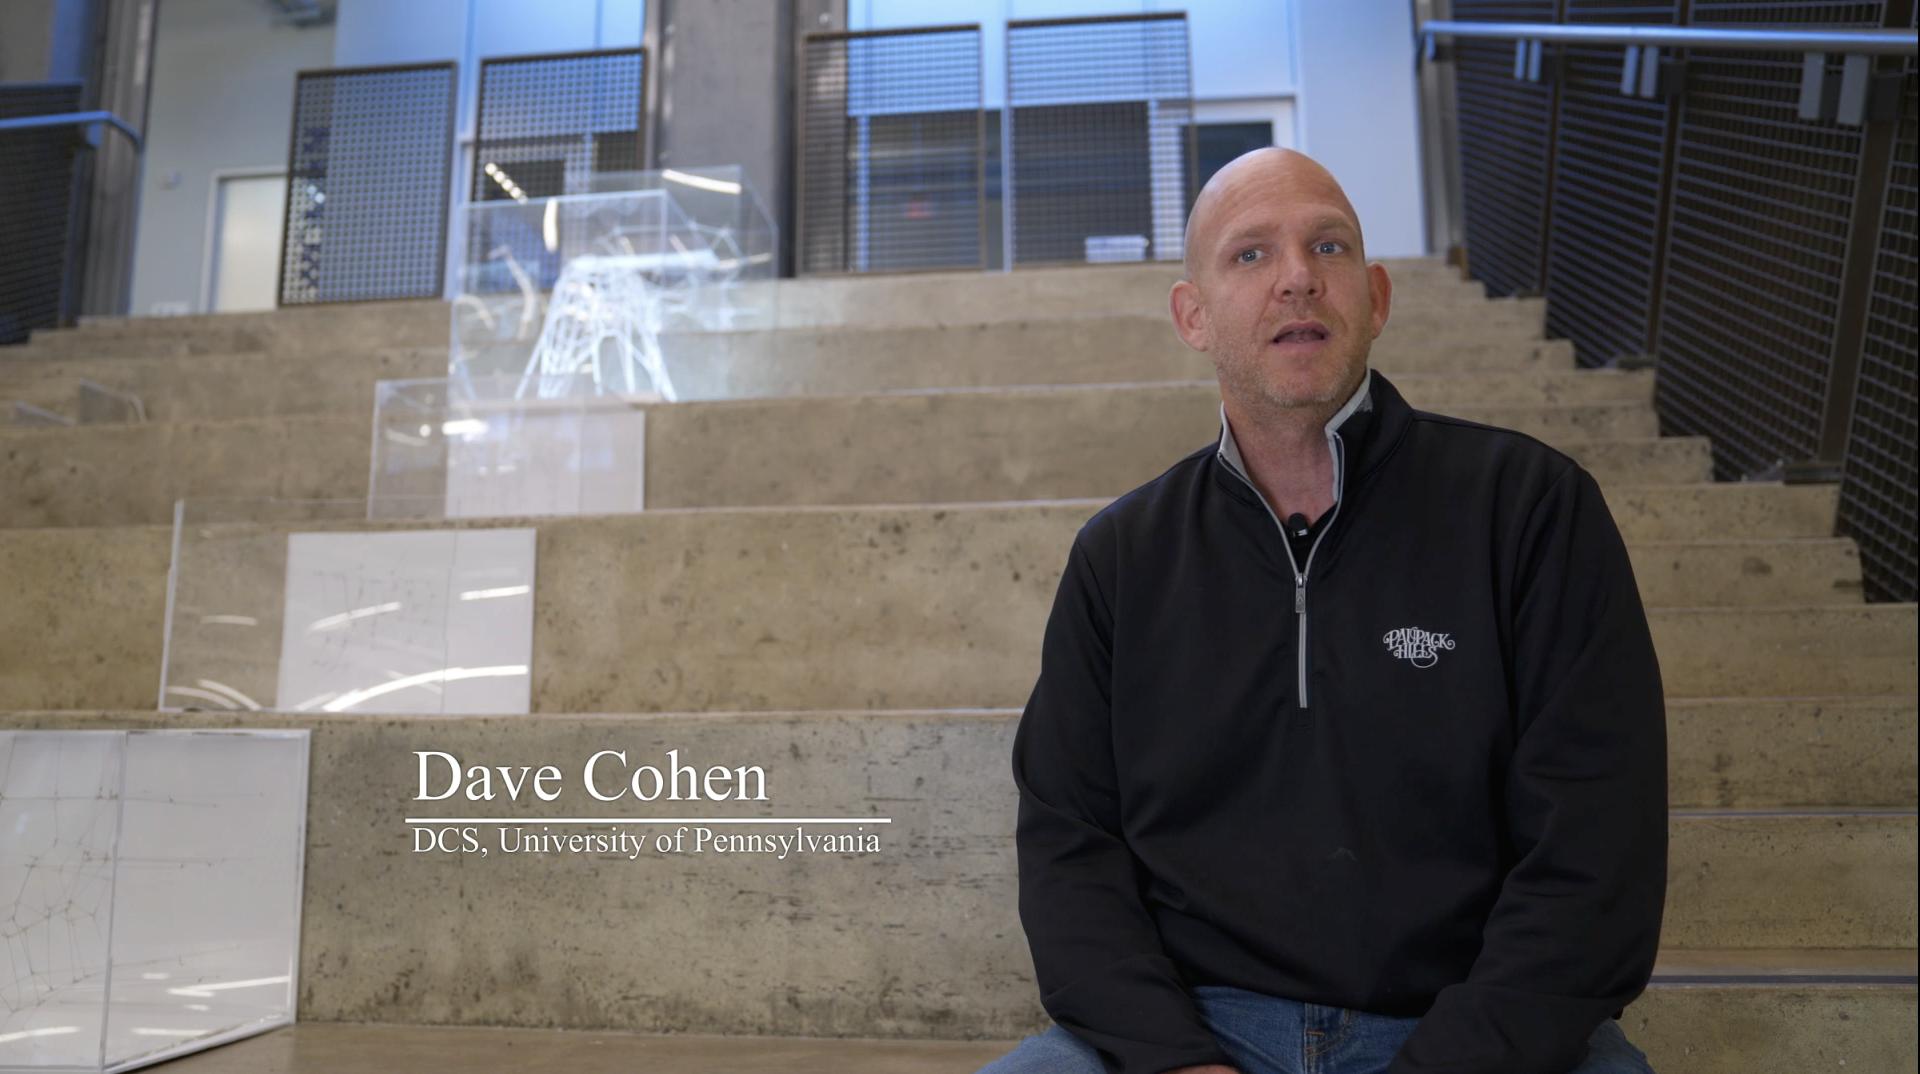 David Cohen of UPenn